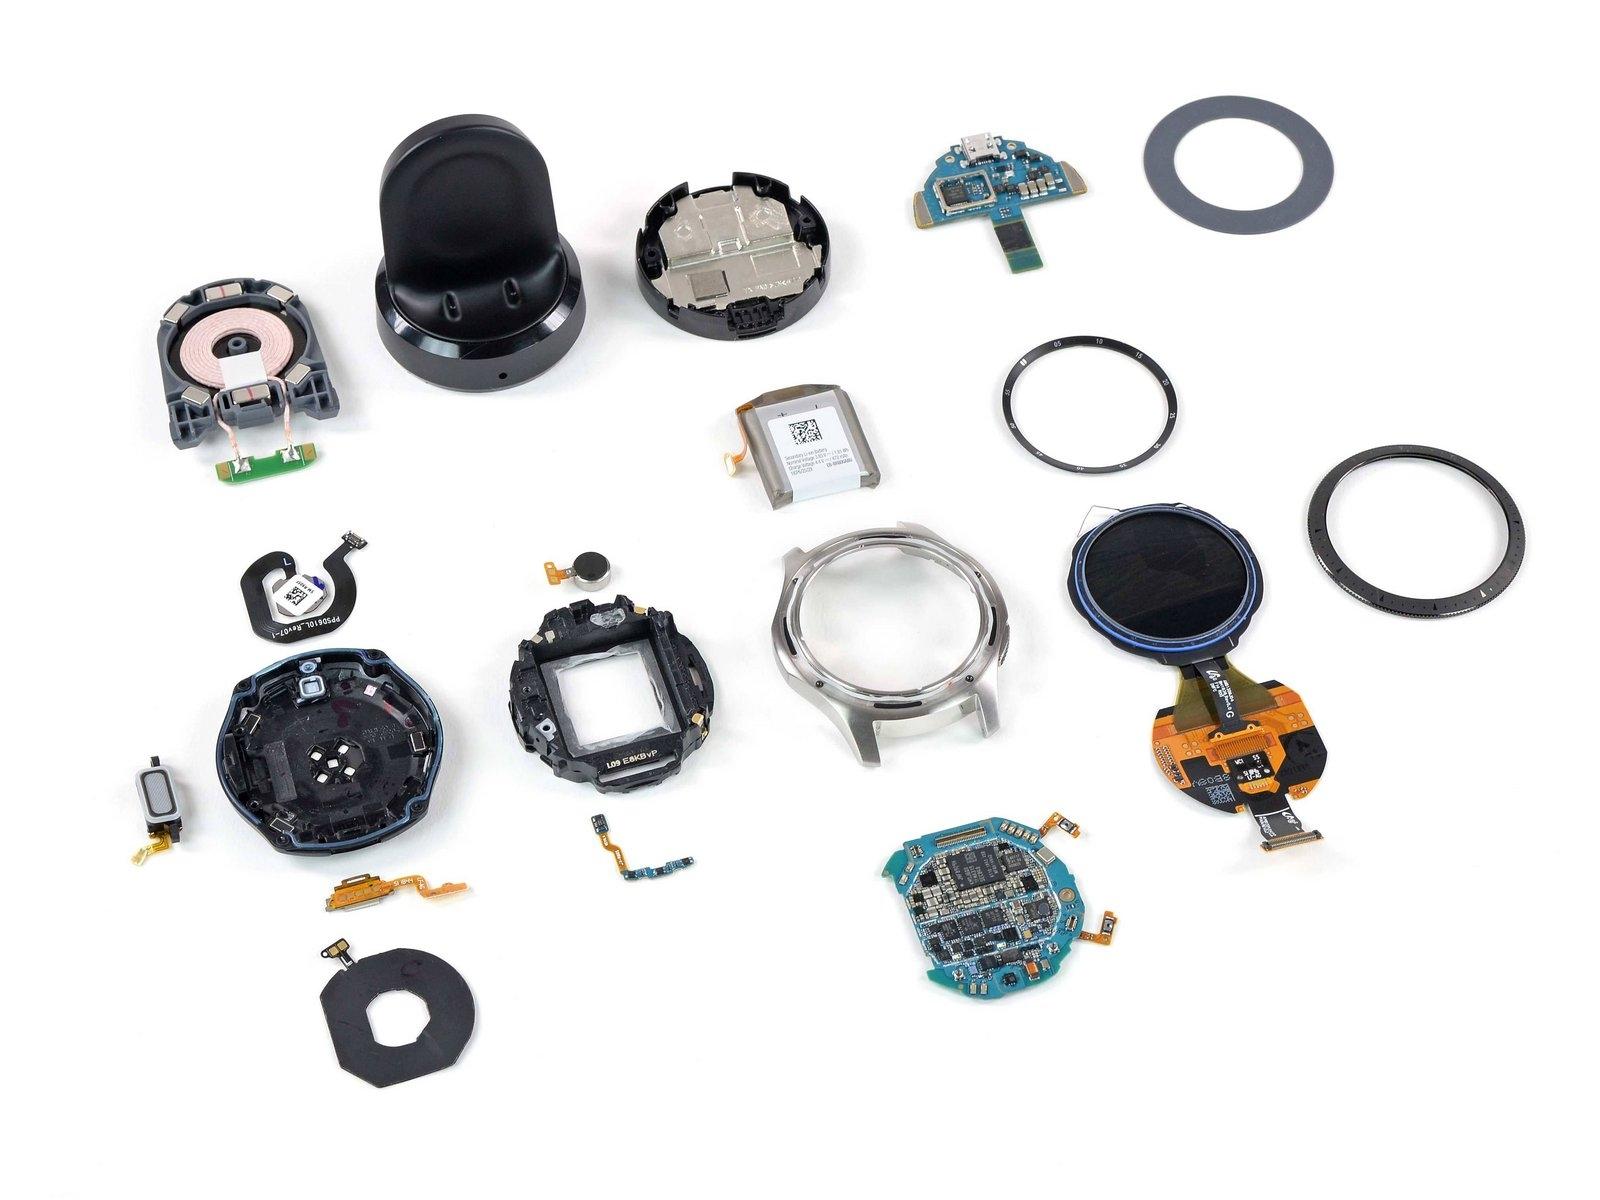 samsung-watch-akıllı-saat-ekran-camı-batarya-pil-değişimi-ne-kadar